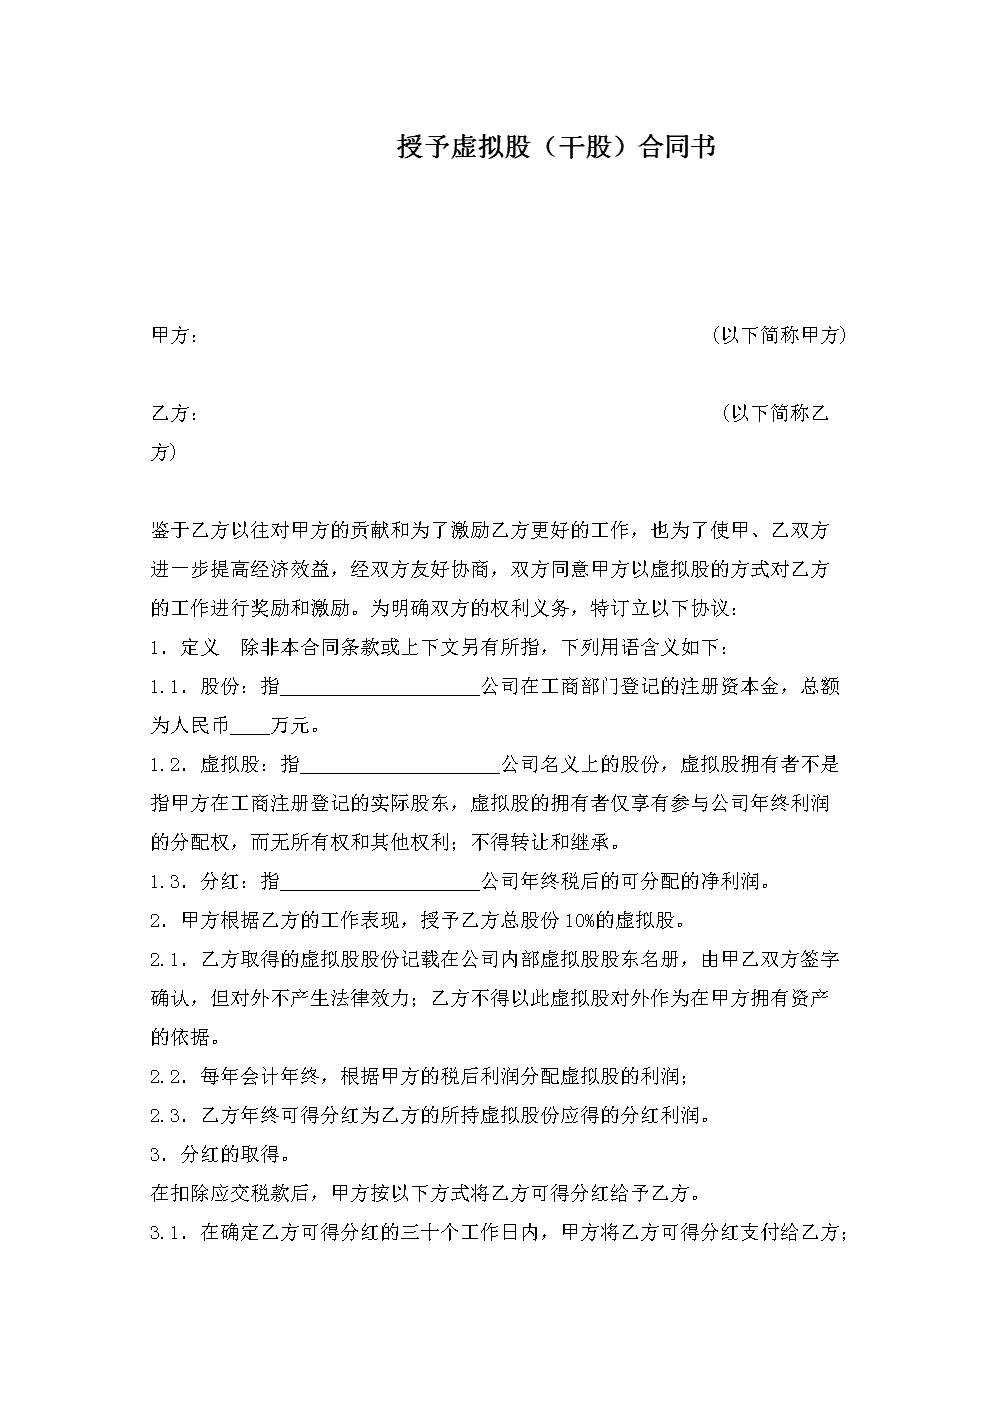 授予虚拟股(干股)合同书.docx